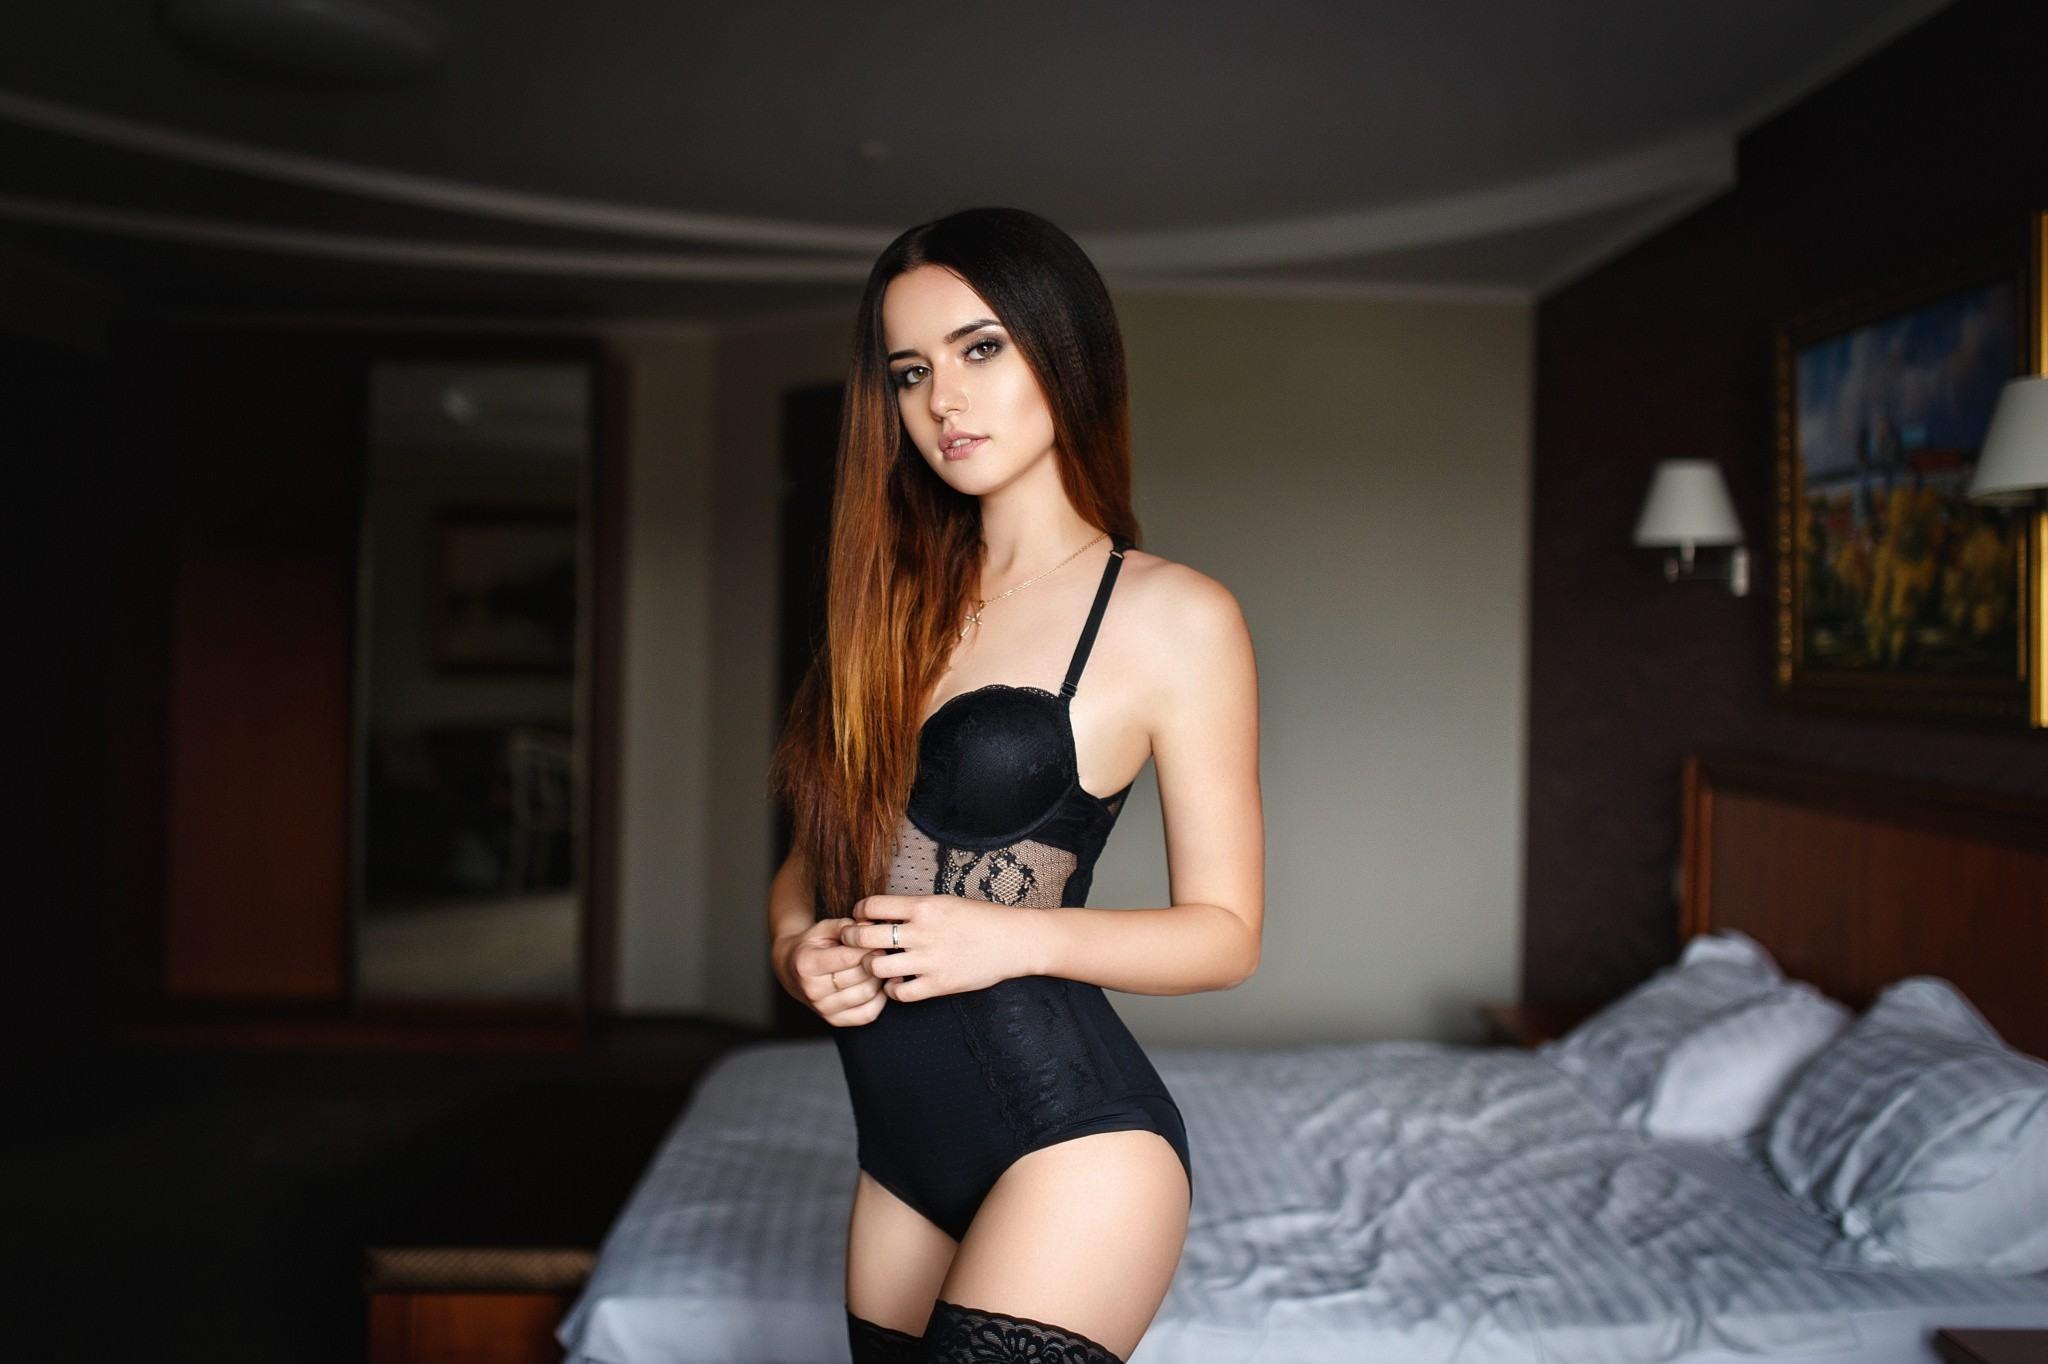 Фото Красивая девушка в черном боди и чулочках в спальне, красивая фигура, скачать картинку бесплатно